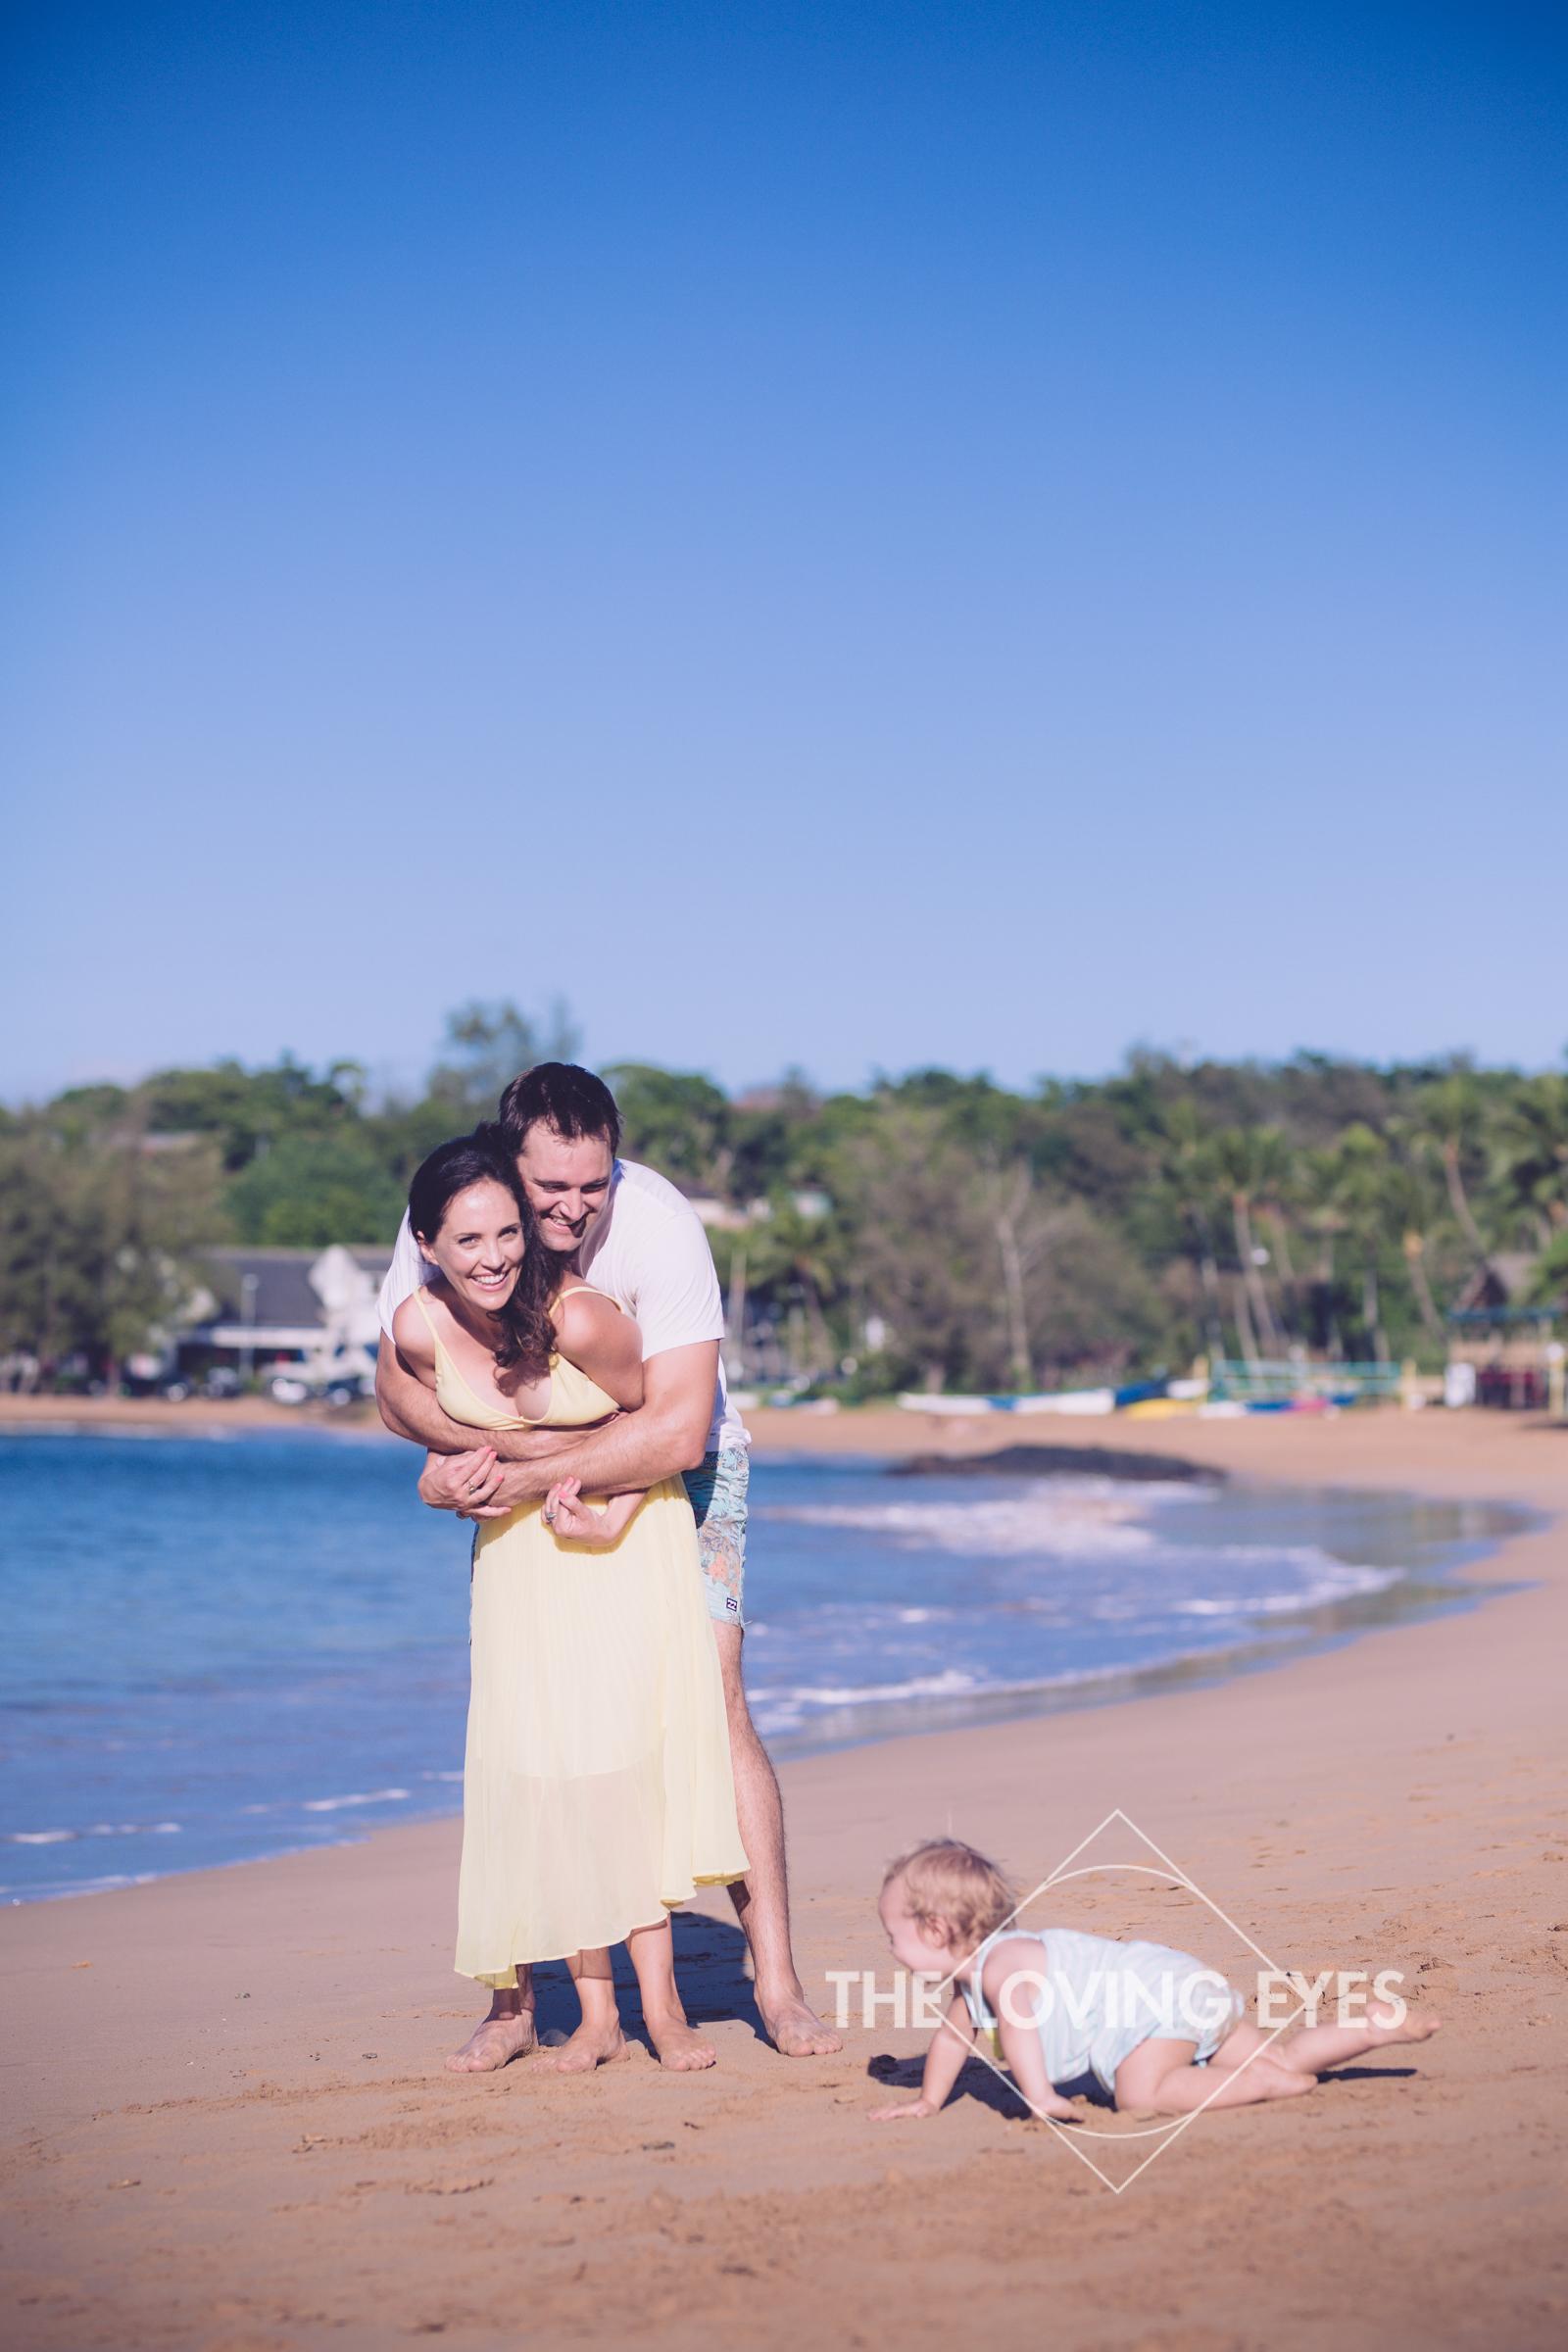 Kauai-Family-Vacation-Beach-Photos-15.jpg